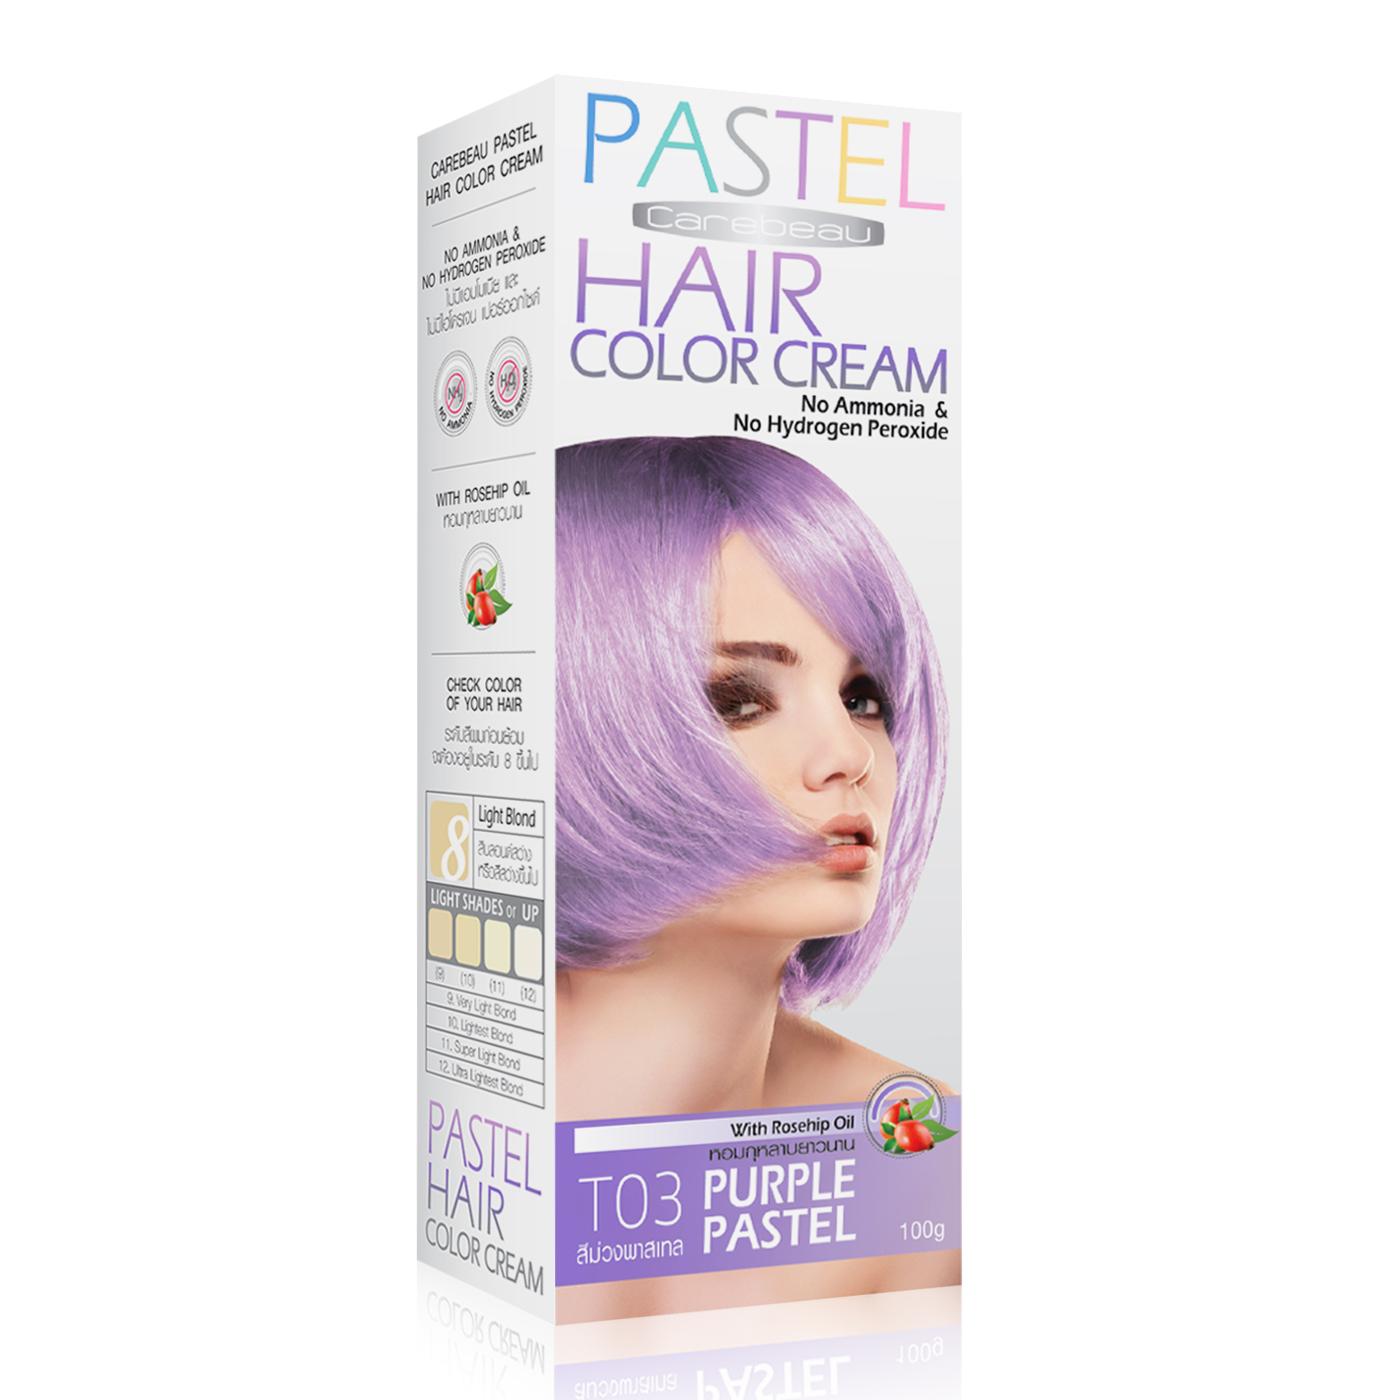 ครีมเปลี่ยนสีผมแคร์บิว CAREBEAU PASTEL HAIR COLOR CREAM T03สีม่วงพาสเทล ราคาส่งถูก ๆ W.165 รหัส H139